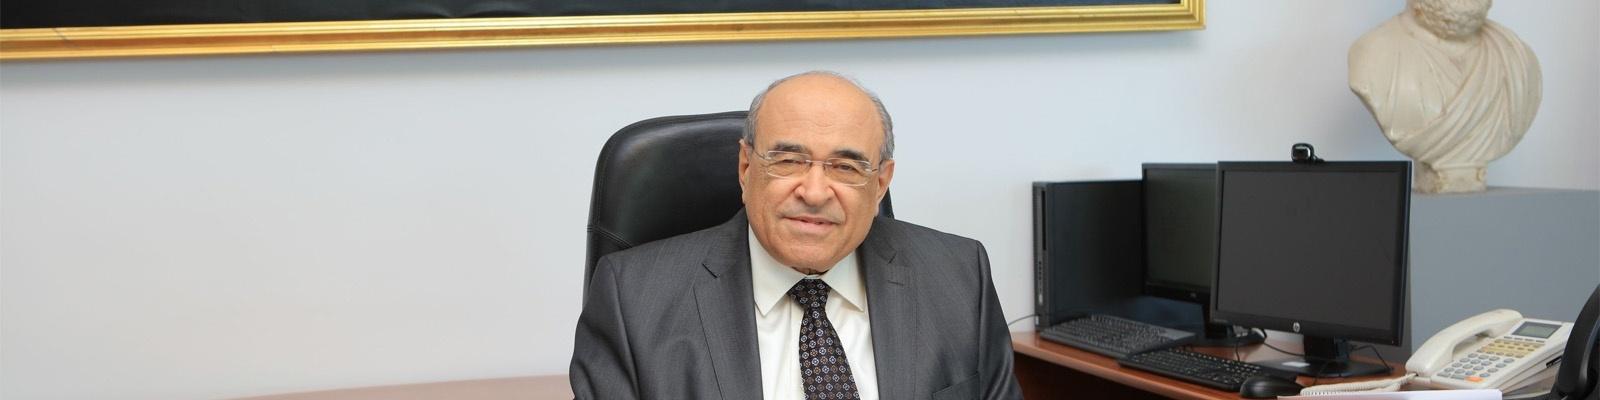 Dr Mostafa El-Feki prend ses fonctions de directeur de la BA